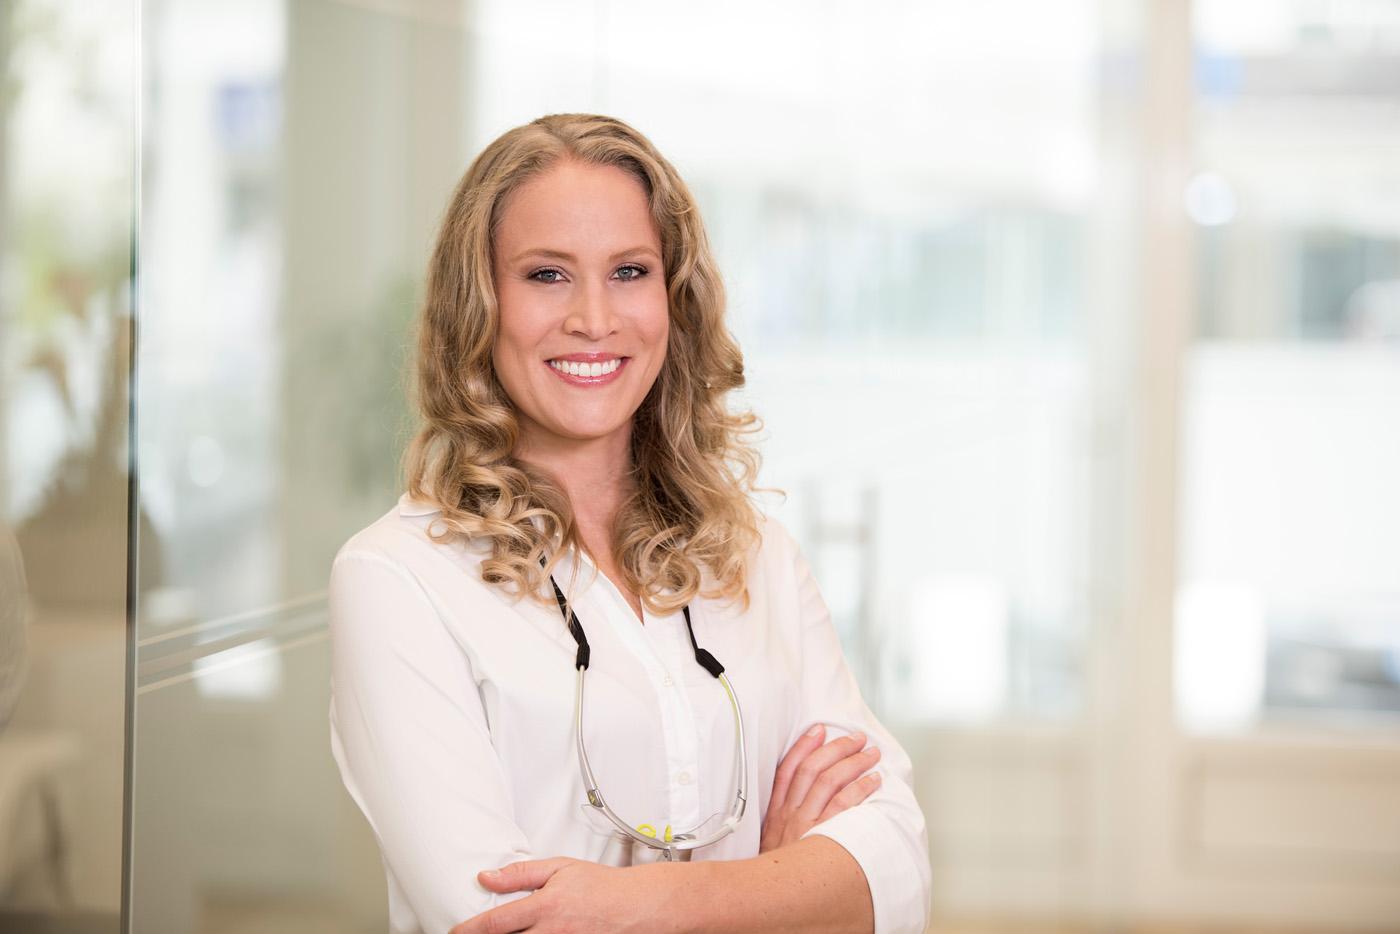 Dr. Marie-Isabelle Drotleff Zahnarzt Geretsried Samtweiss Kieferorthopädie und Zahnarzt